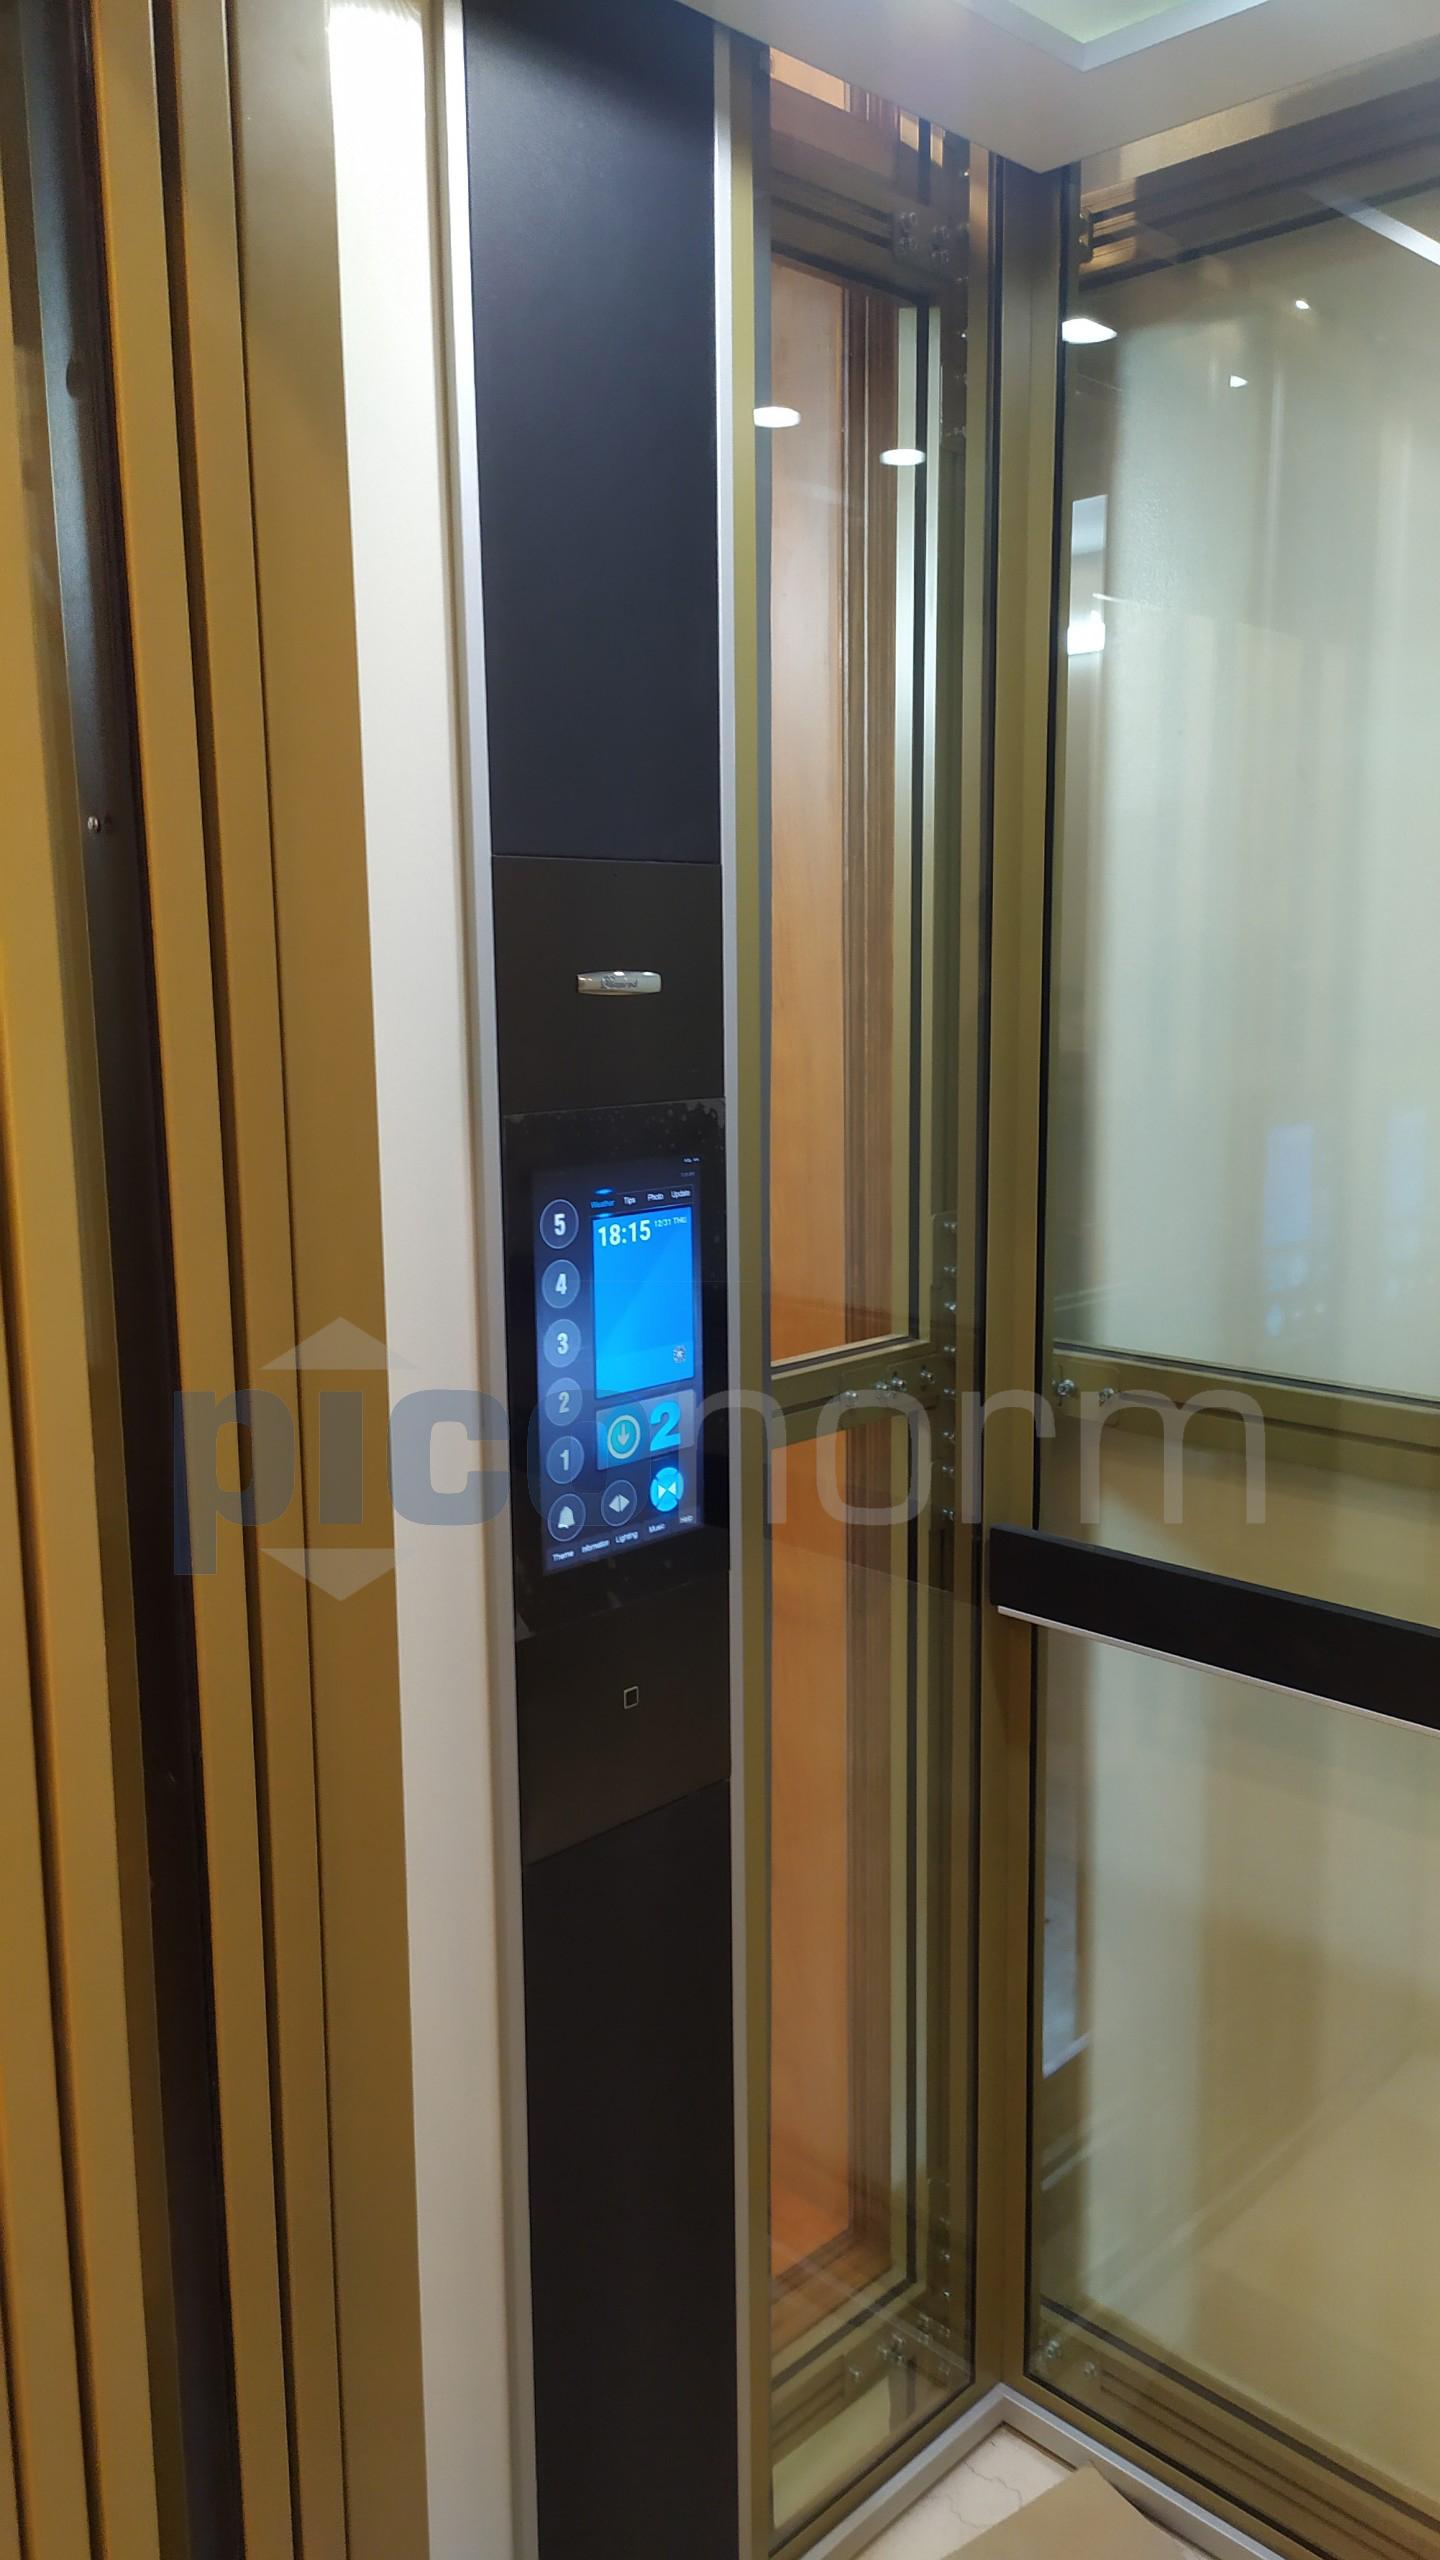 Bảng điều khiển cảm ứng của thang máy